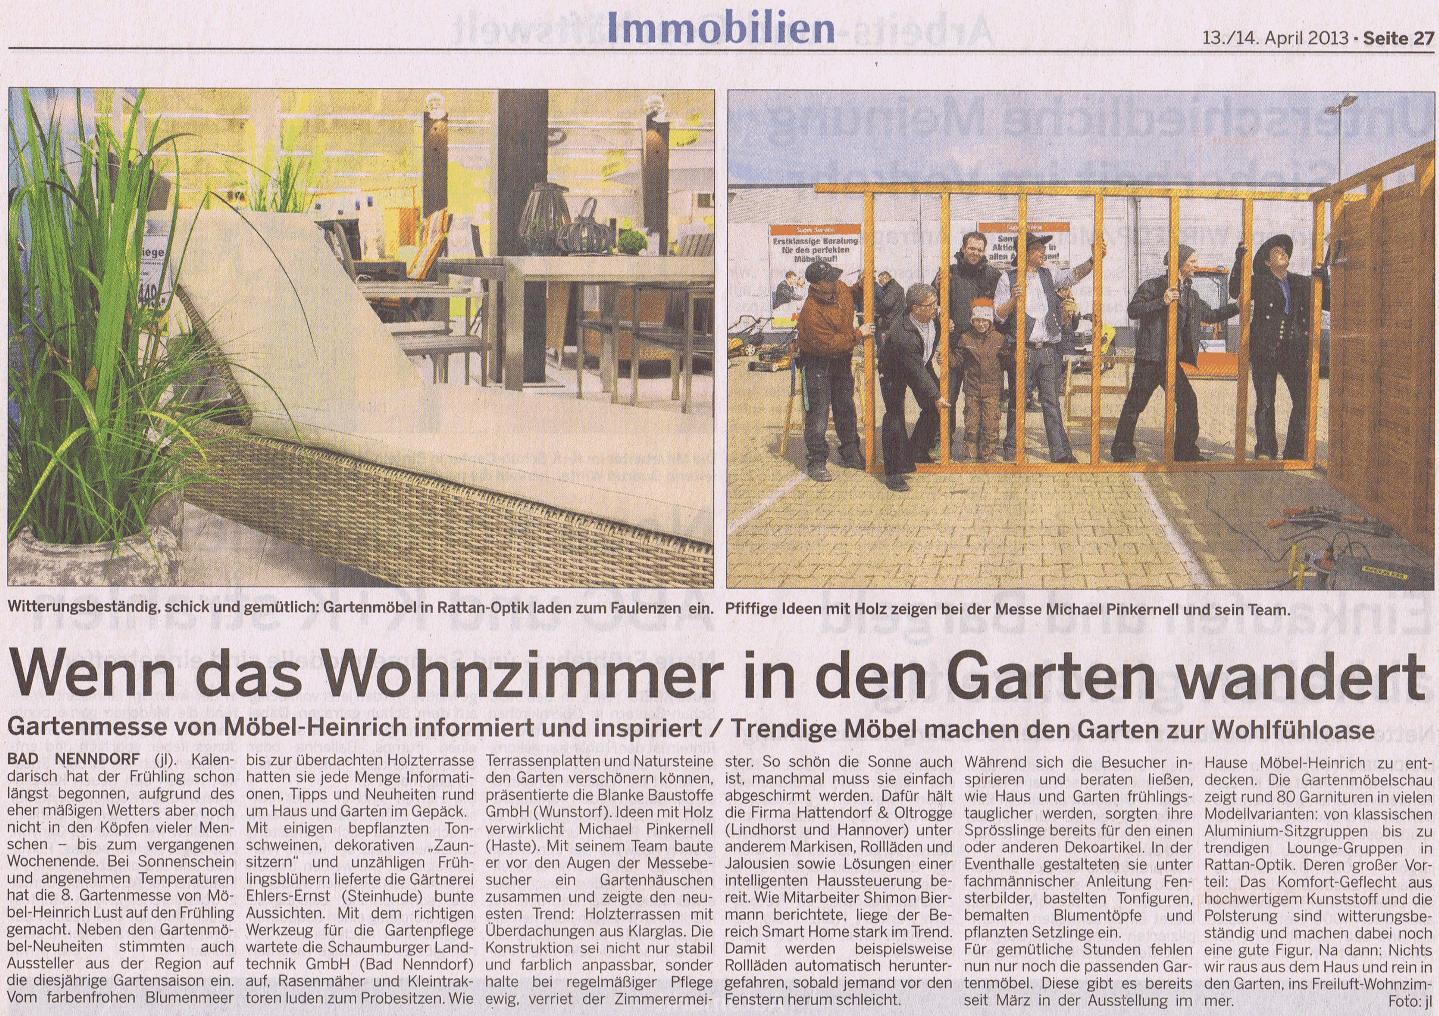 Gartenmesse Möbel Heinrich 2013